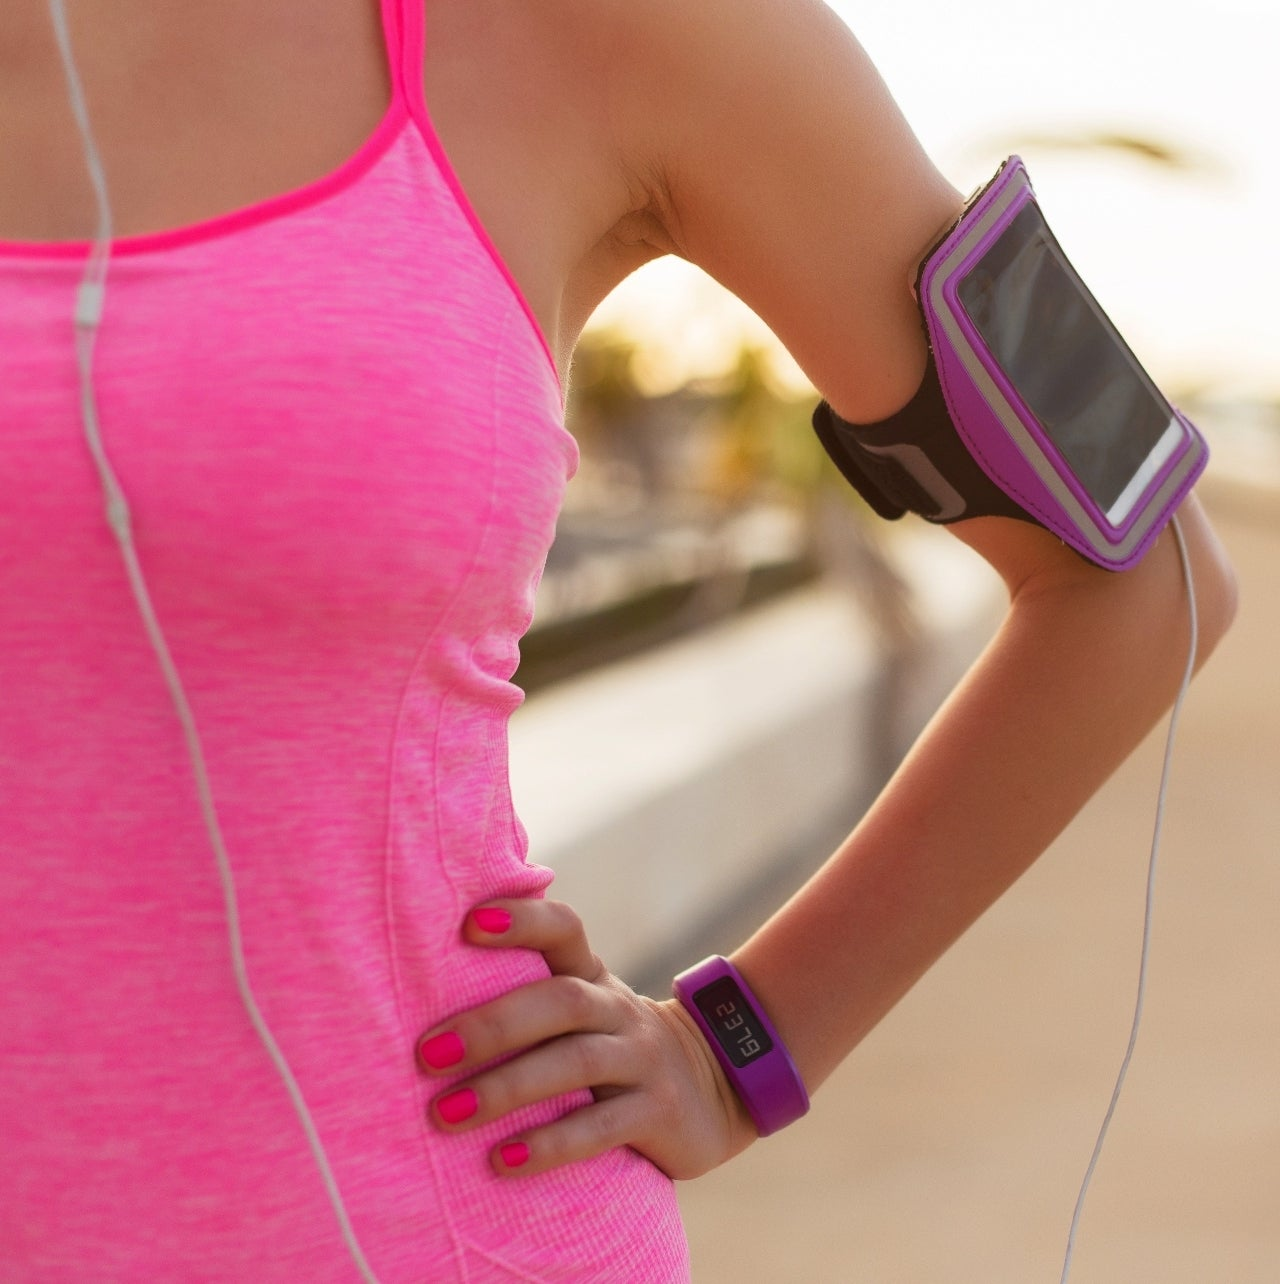 armband-headphones-workout-copy-53192